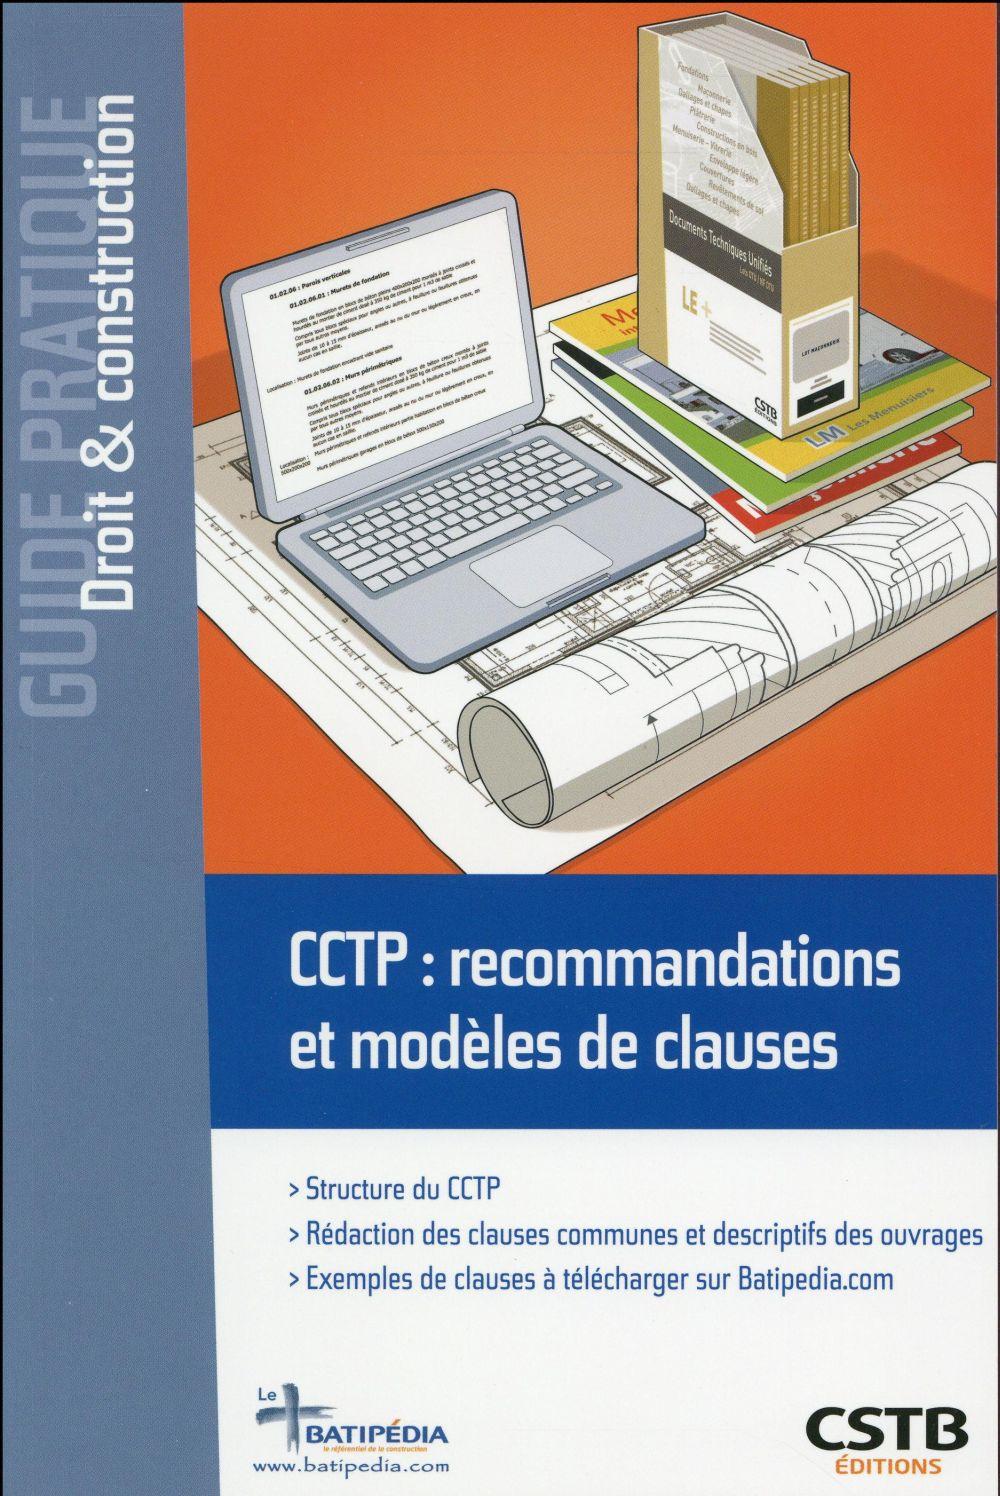 CCTP : recommandations et modèles de clauses